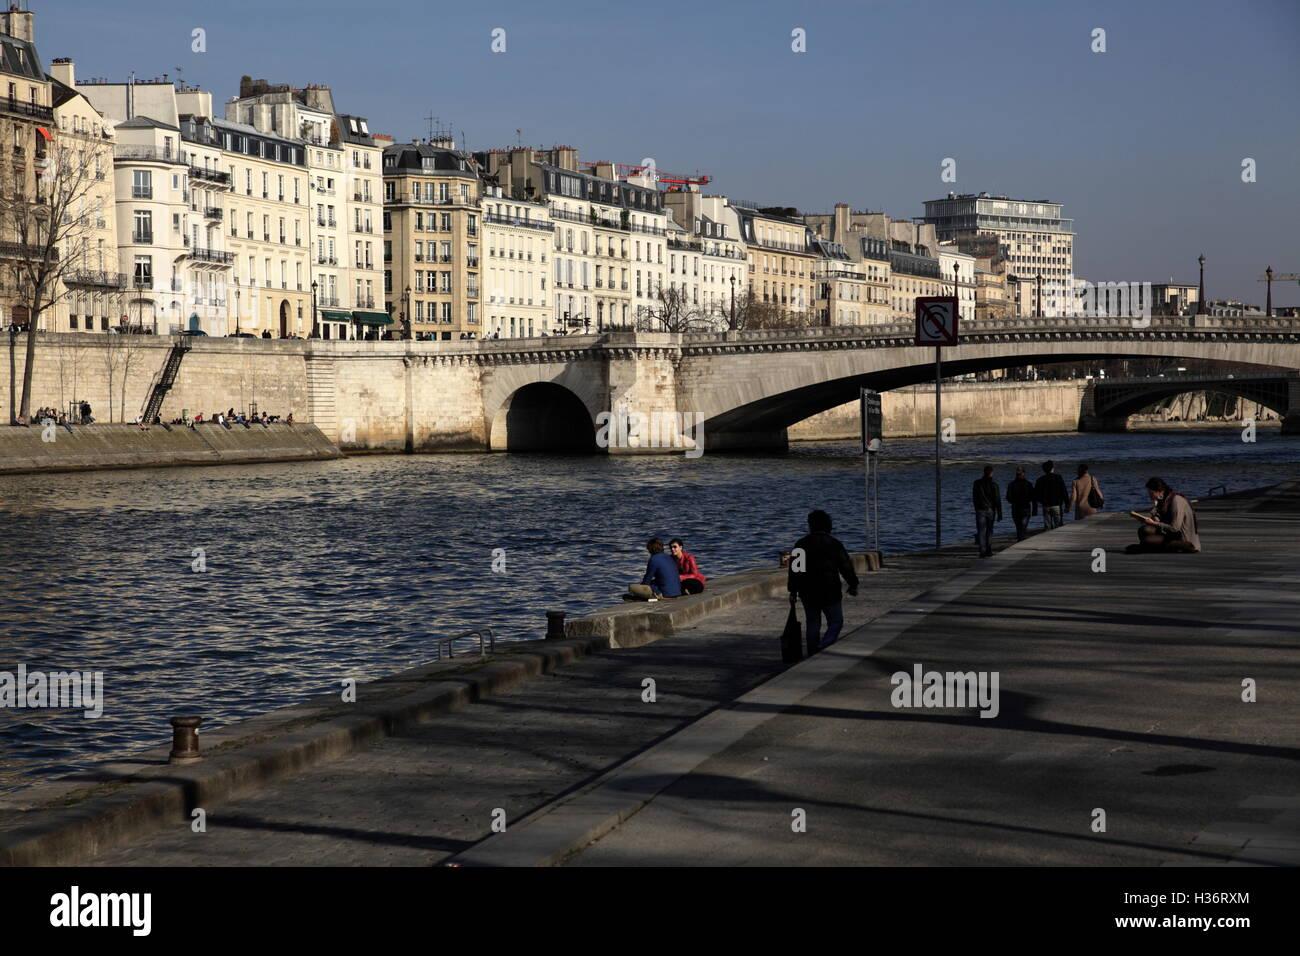 River Seine with ile Saint-Louis (Saint-Louis Island) and Pont de la Tournelle (Tournelle Bridge).Paris,France - Stock Image